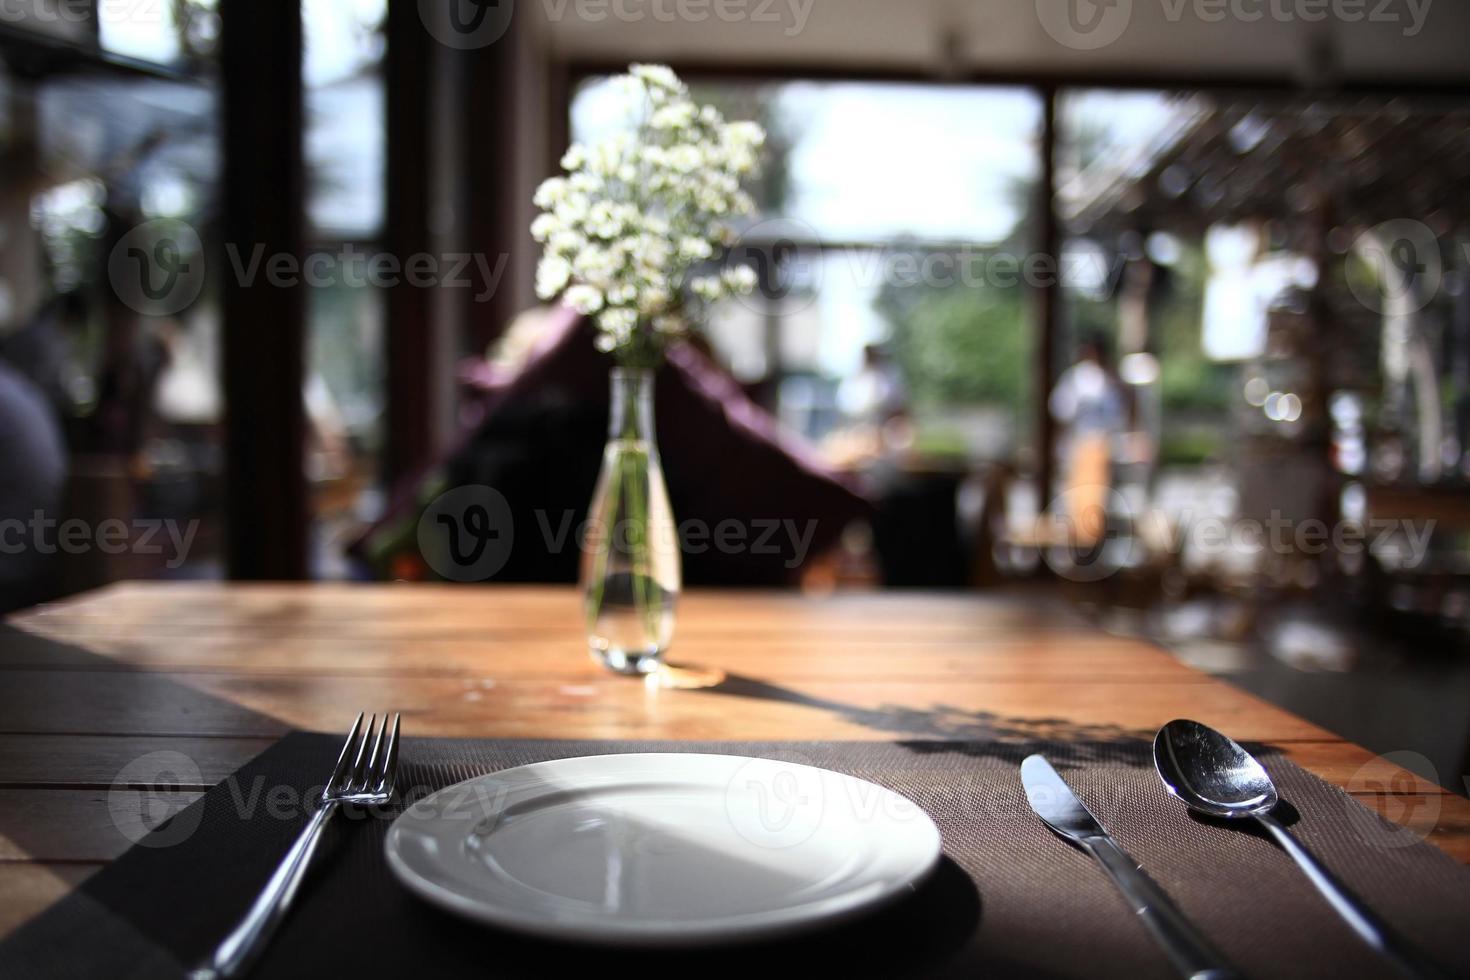 mesa en el fondo del restaurante foto